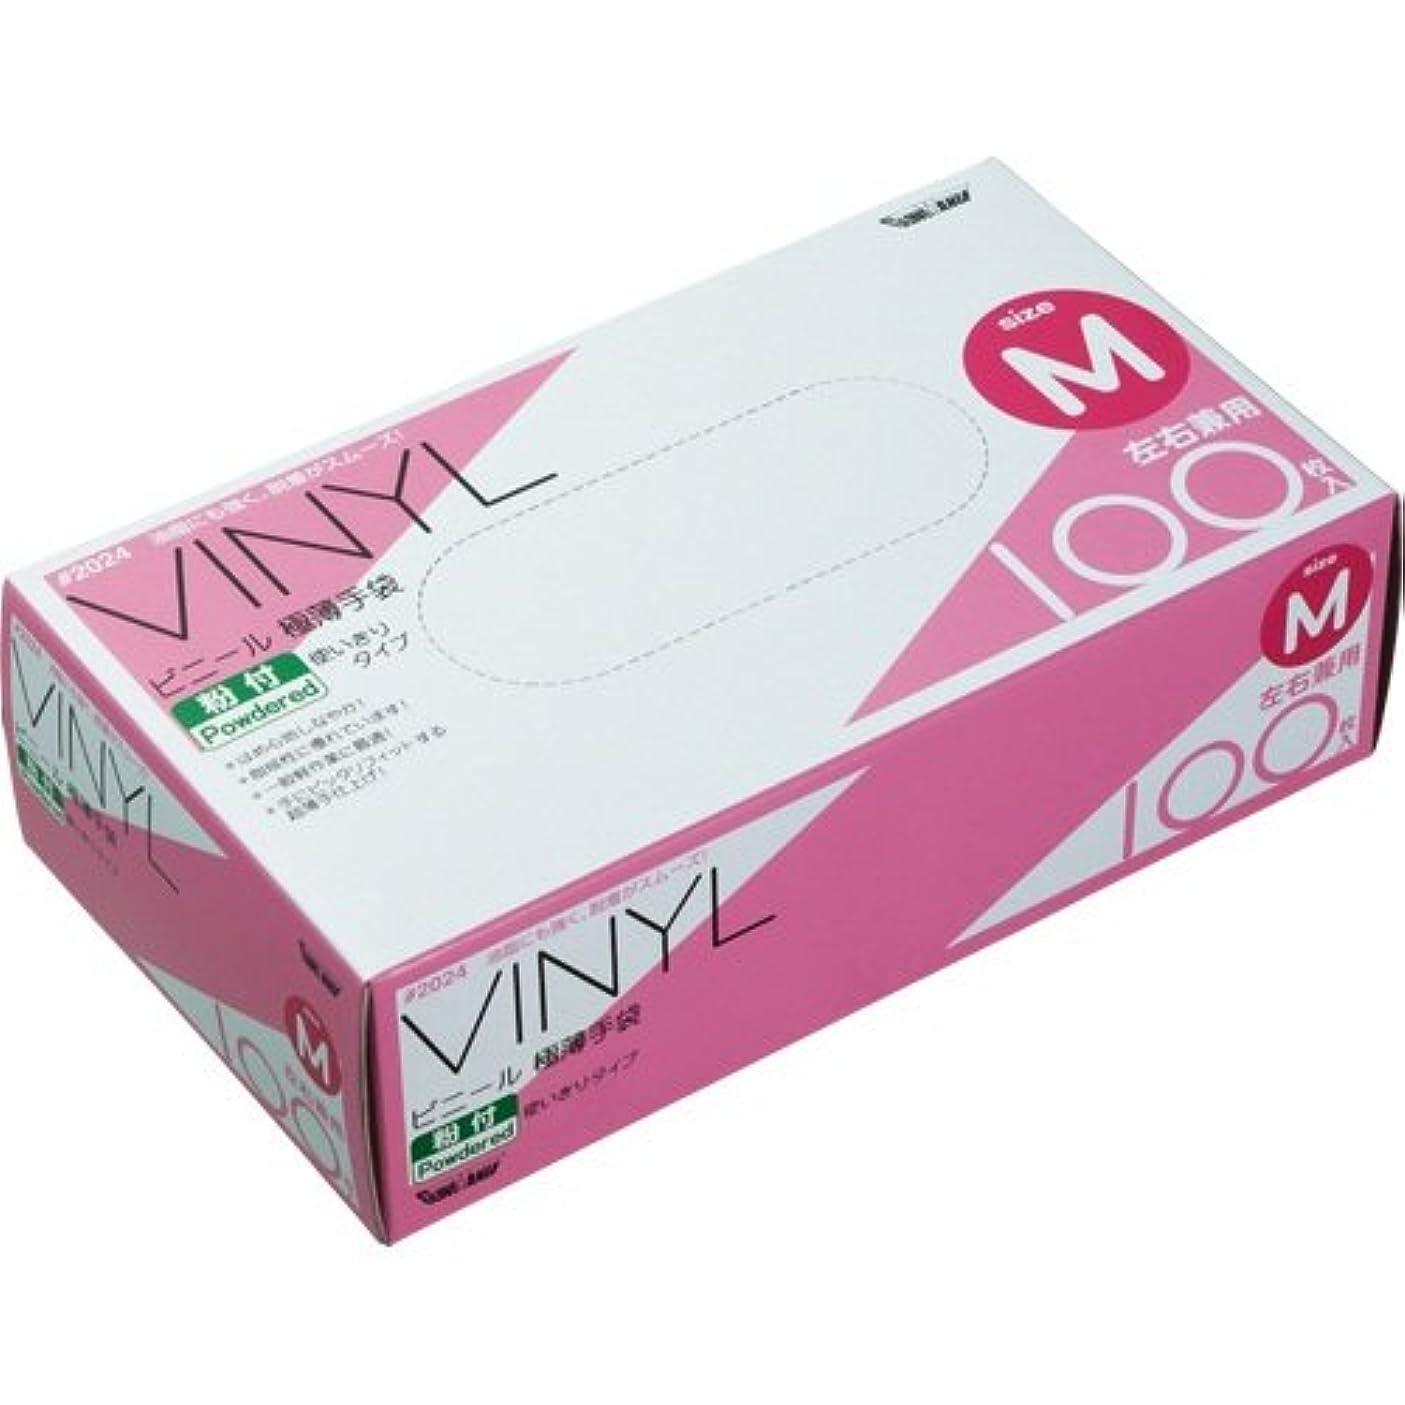 哲学者脚憤る川西工業 ビニール極薄手袋 粉付 M #2024 1セット(2000枚:100枚×20箱)